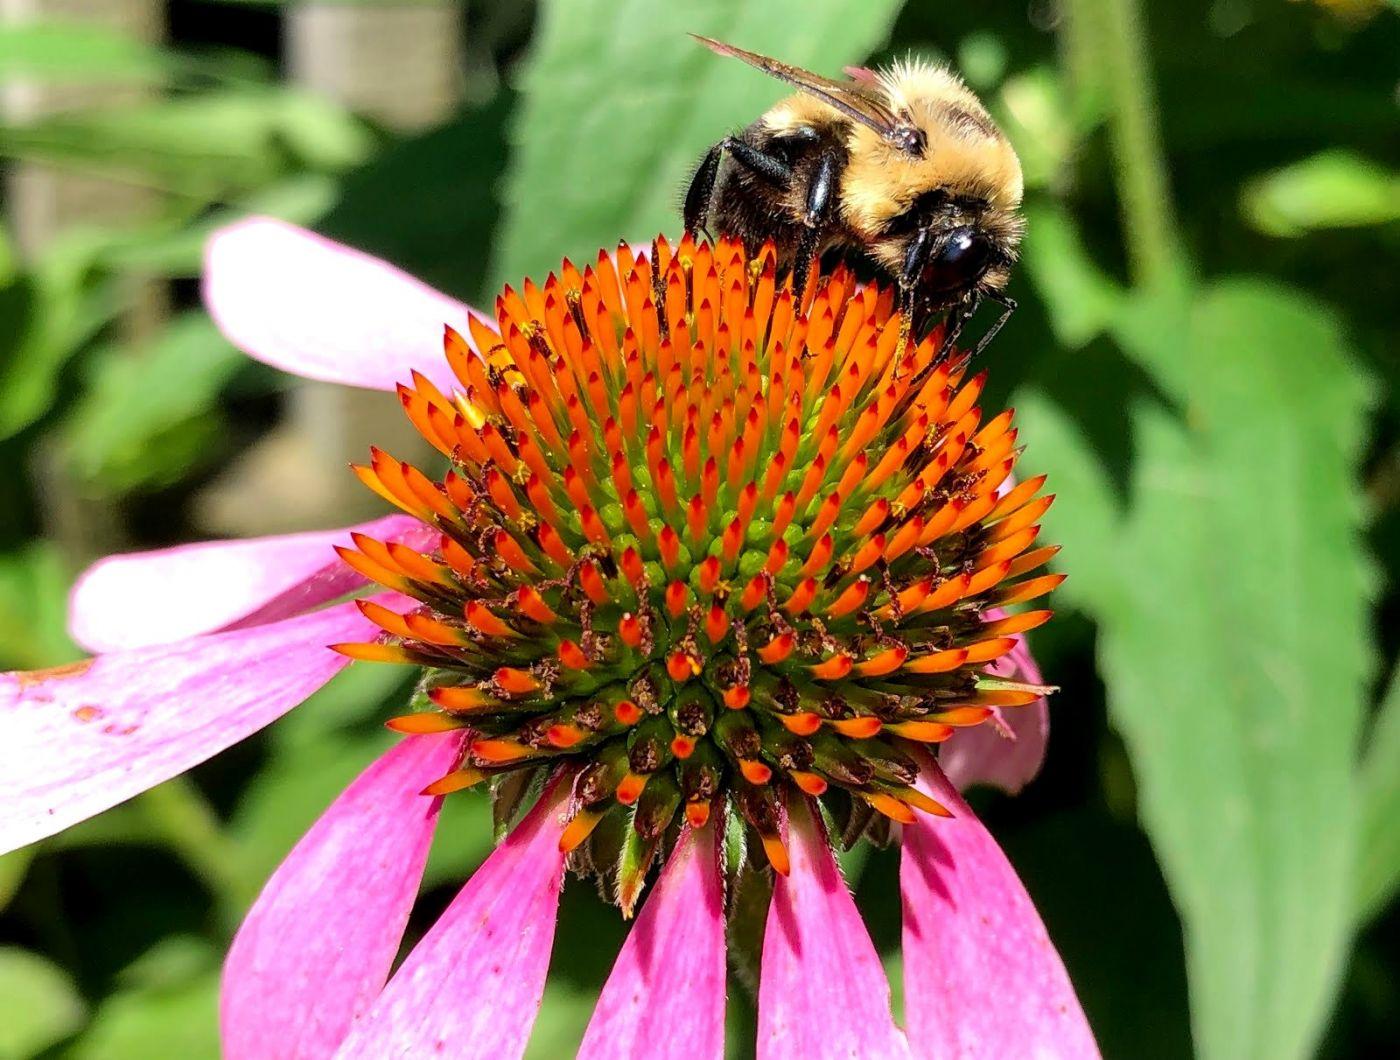 7月的蜜蜂.蝴蝶_图1-3